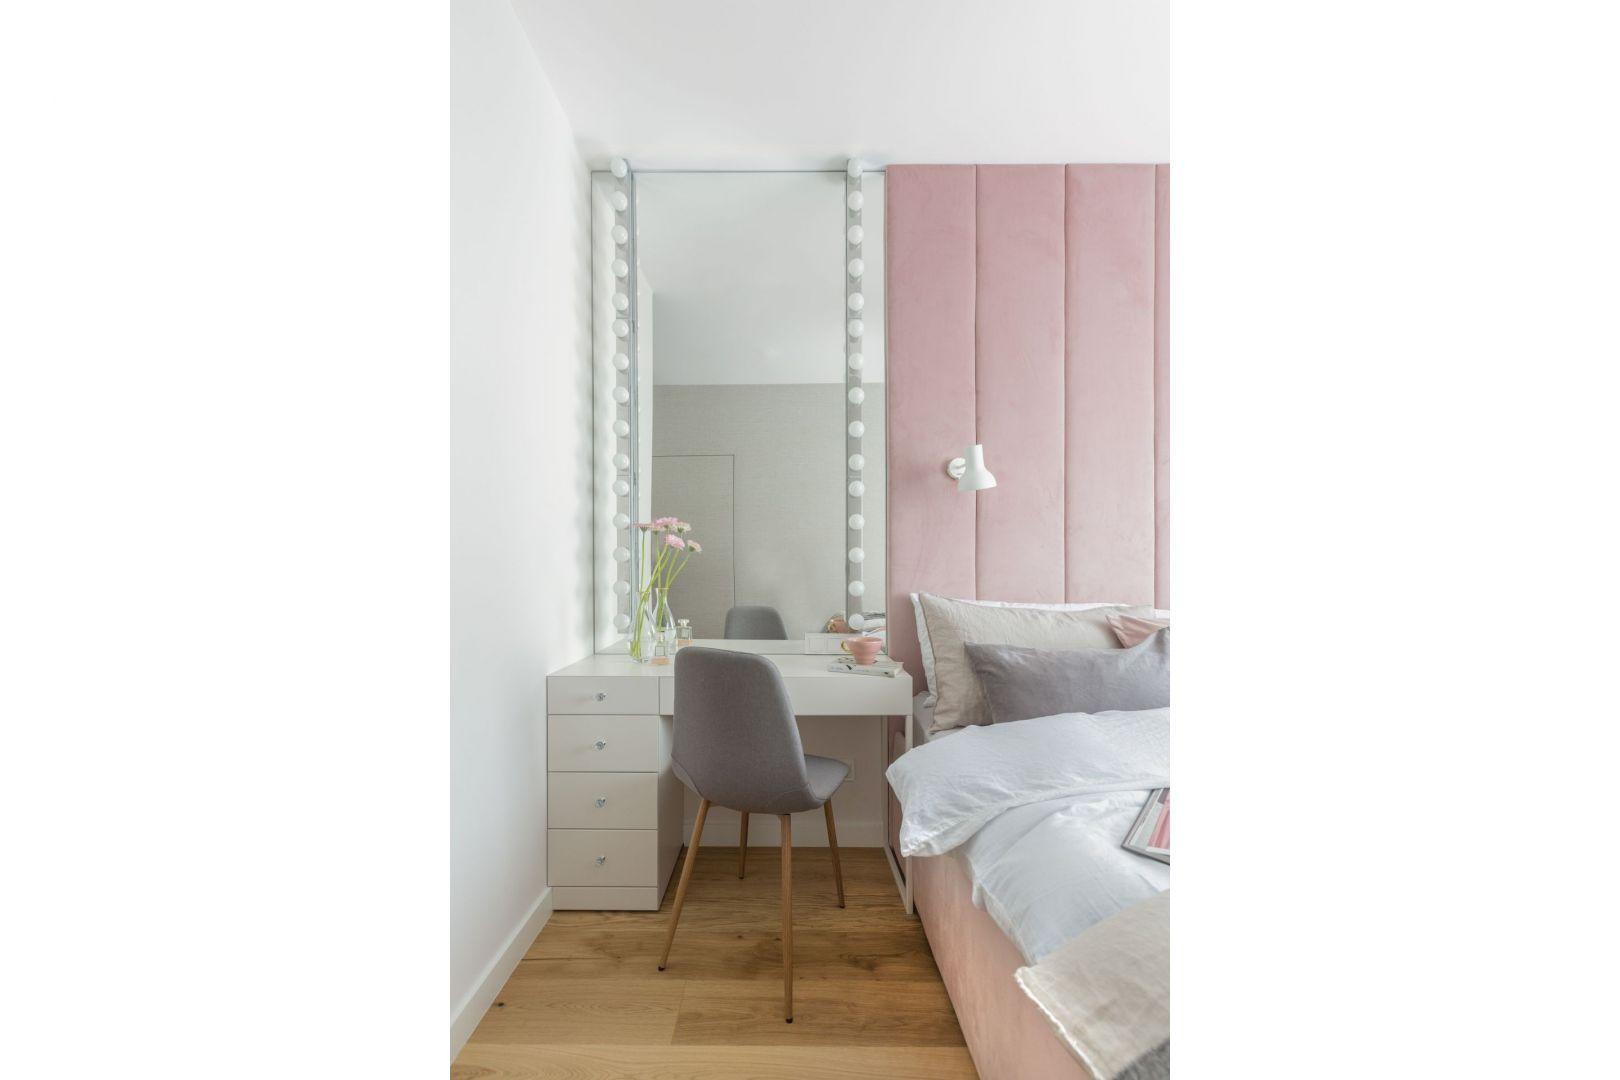 Często w sypialni pojawia się również toaletka. Tutaj powinniśmy zastosować oświetlenie o neutralnej barwie. Projekt: Decoroom. Fot. Marta Behling, Pion Poziom